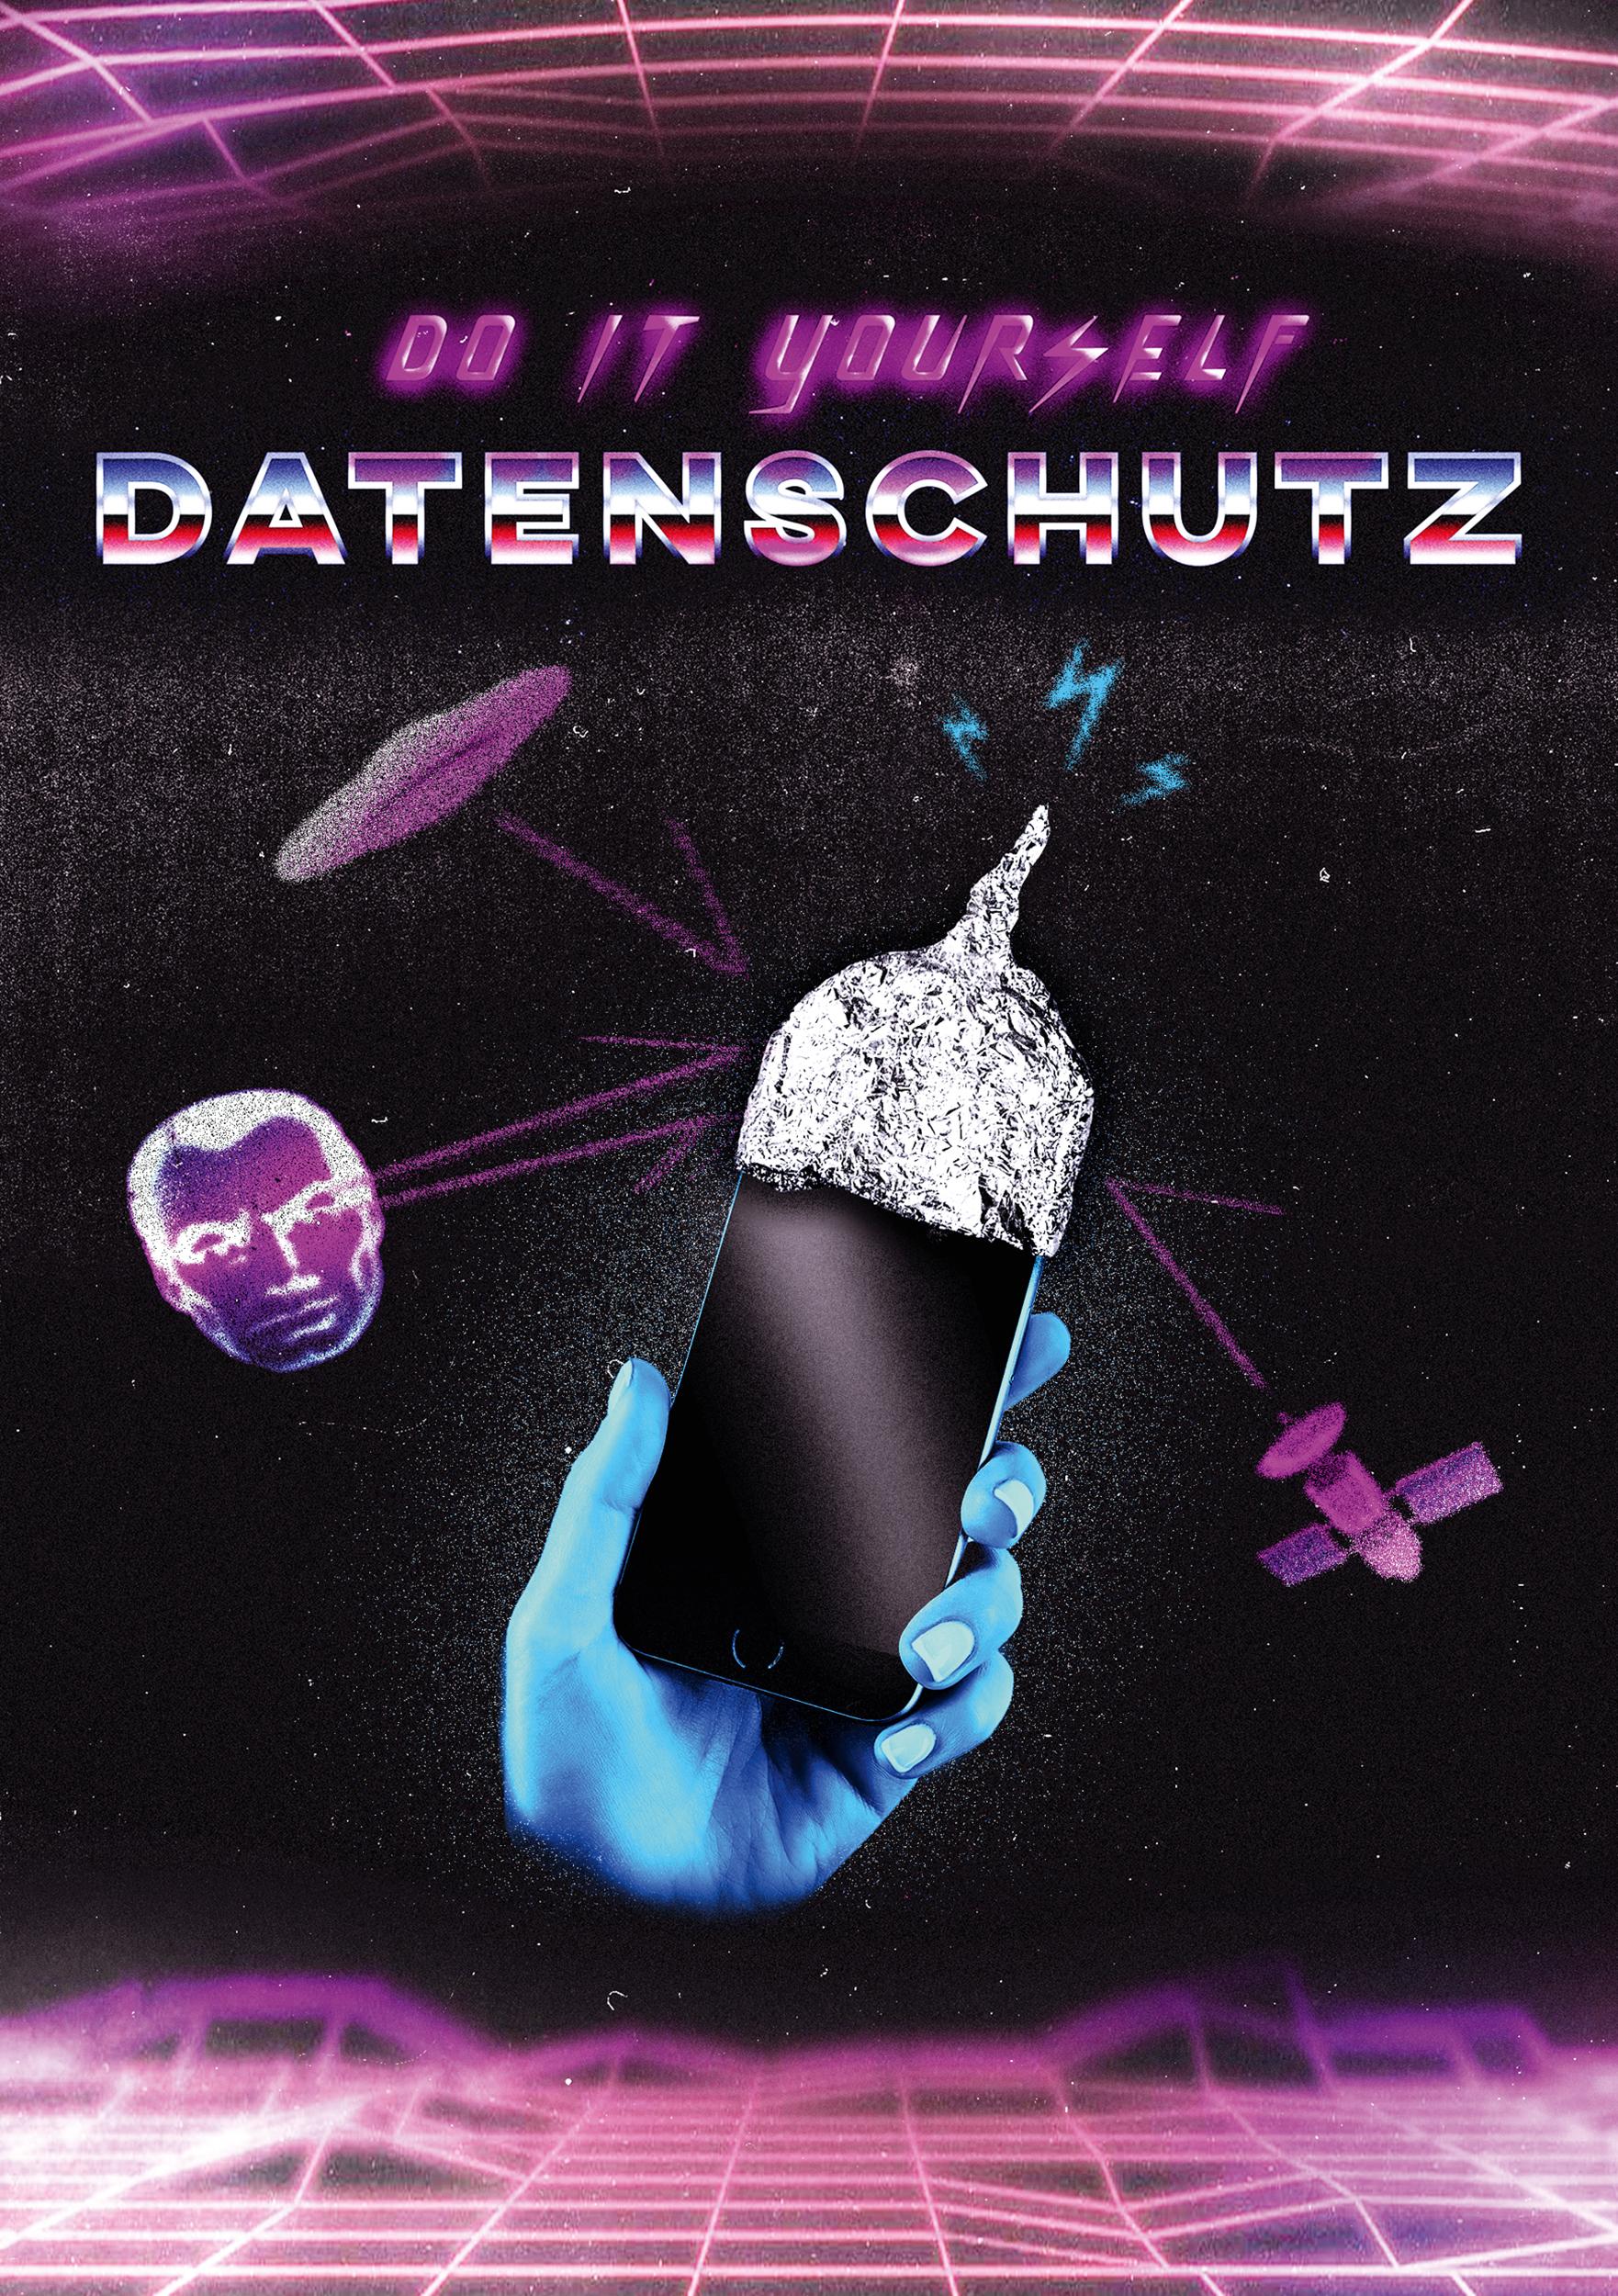 Direct_A_DIY-Datenschutz Vorderseite